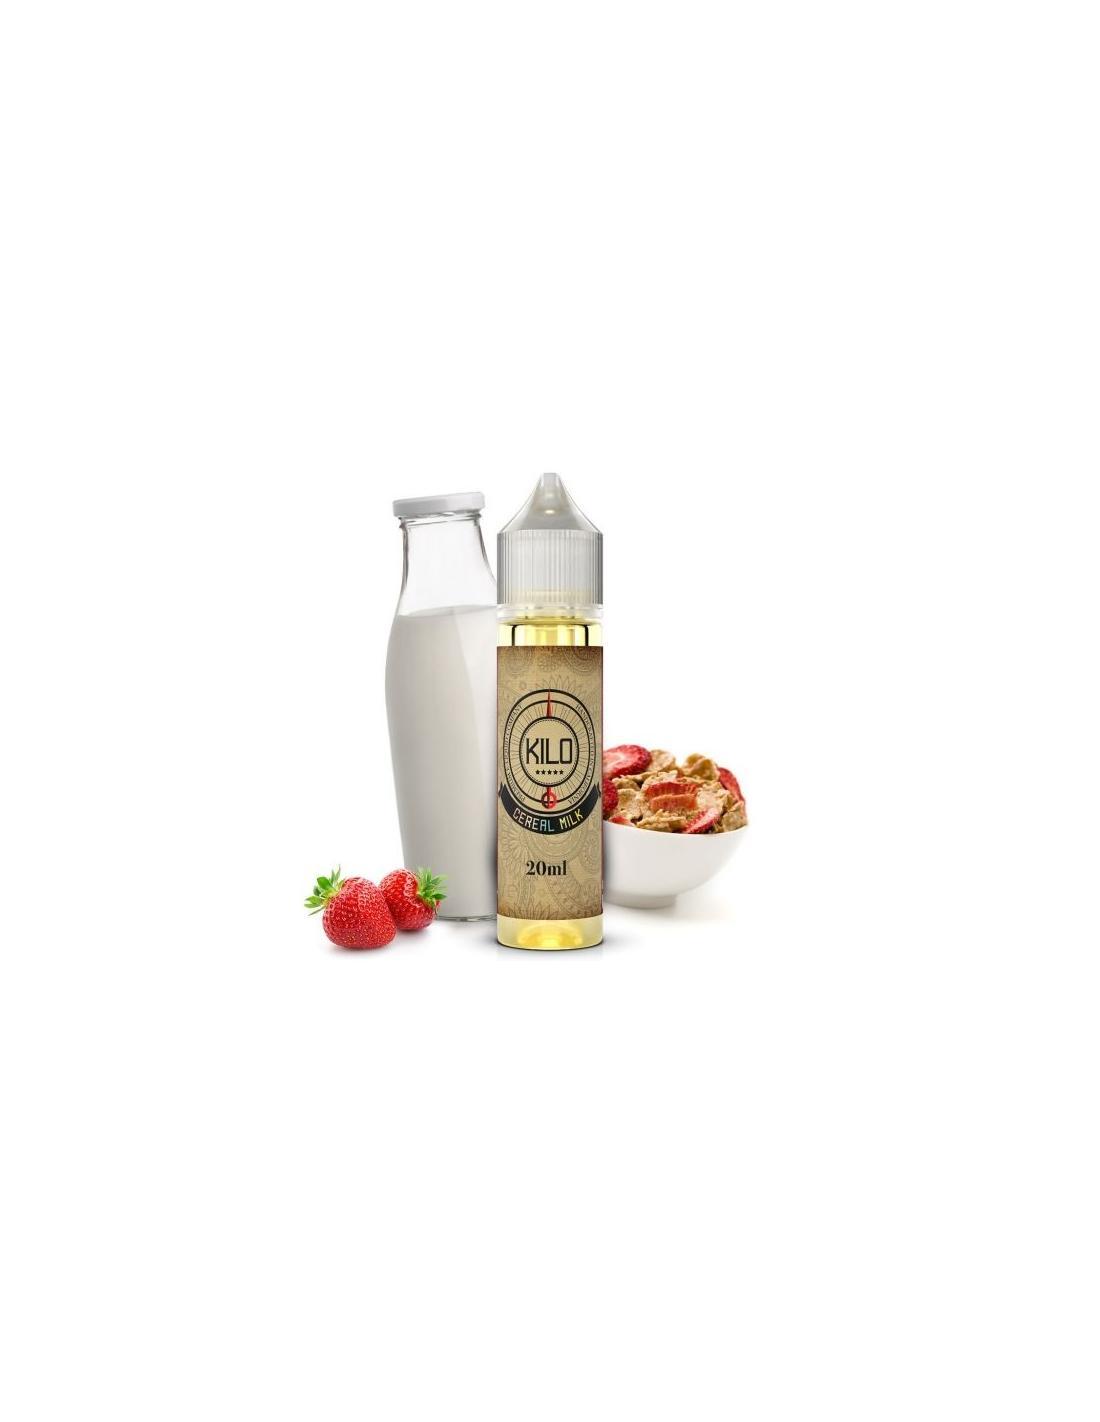 Kilo Cereal Milk Liquido 20ml Aroma Latte E Cereali Alla Fragola